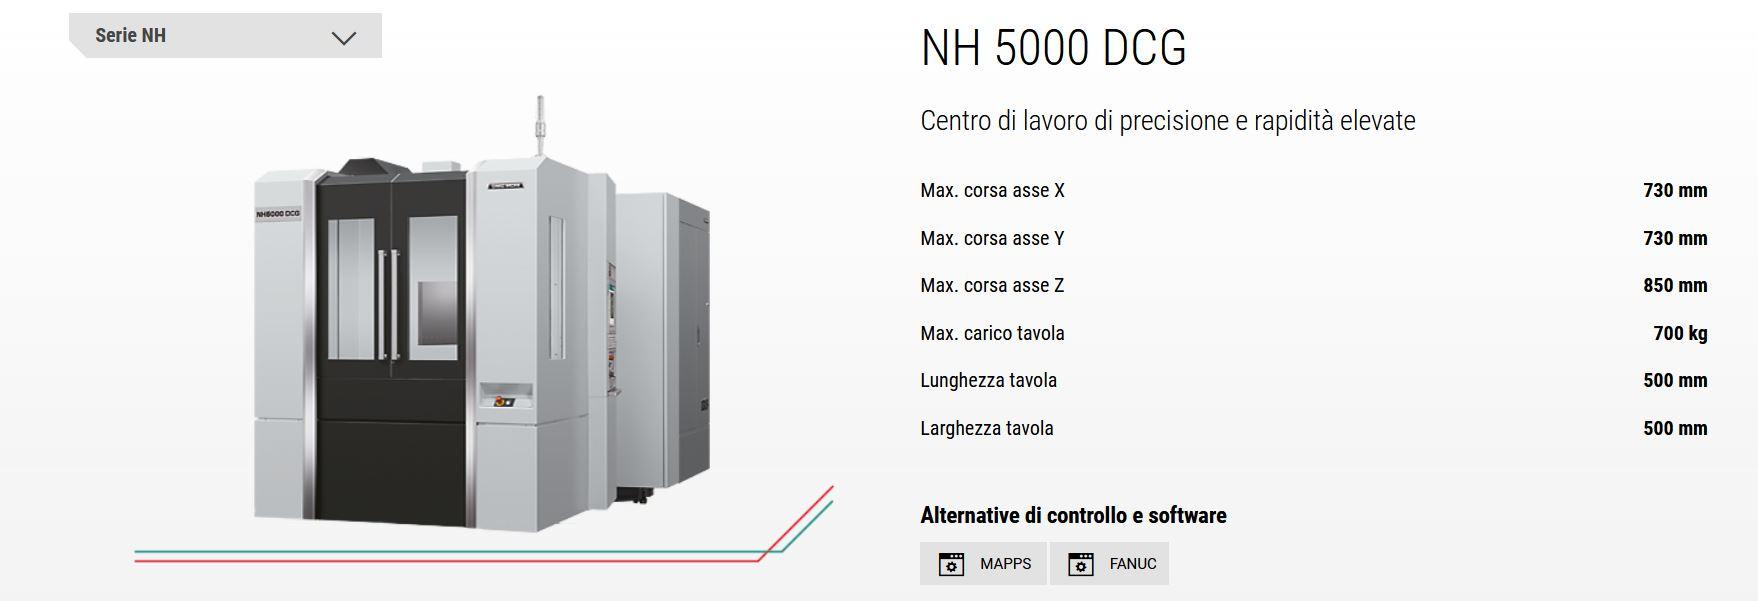 centro-lavoro-orizzontale-NH5000-DCG